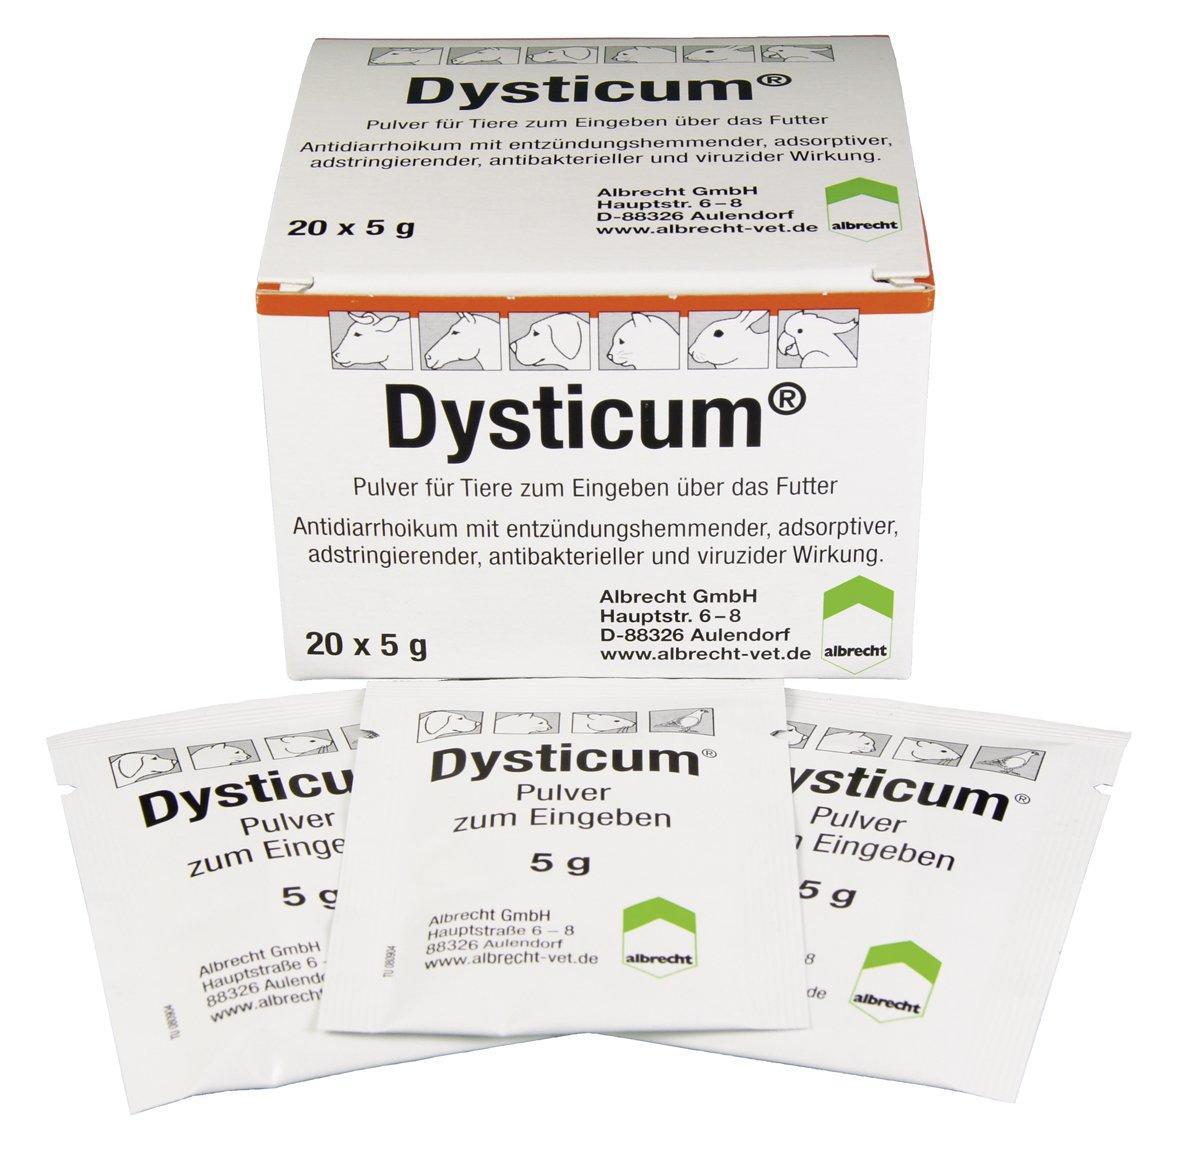 Dysticum Pulver